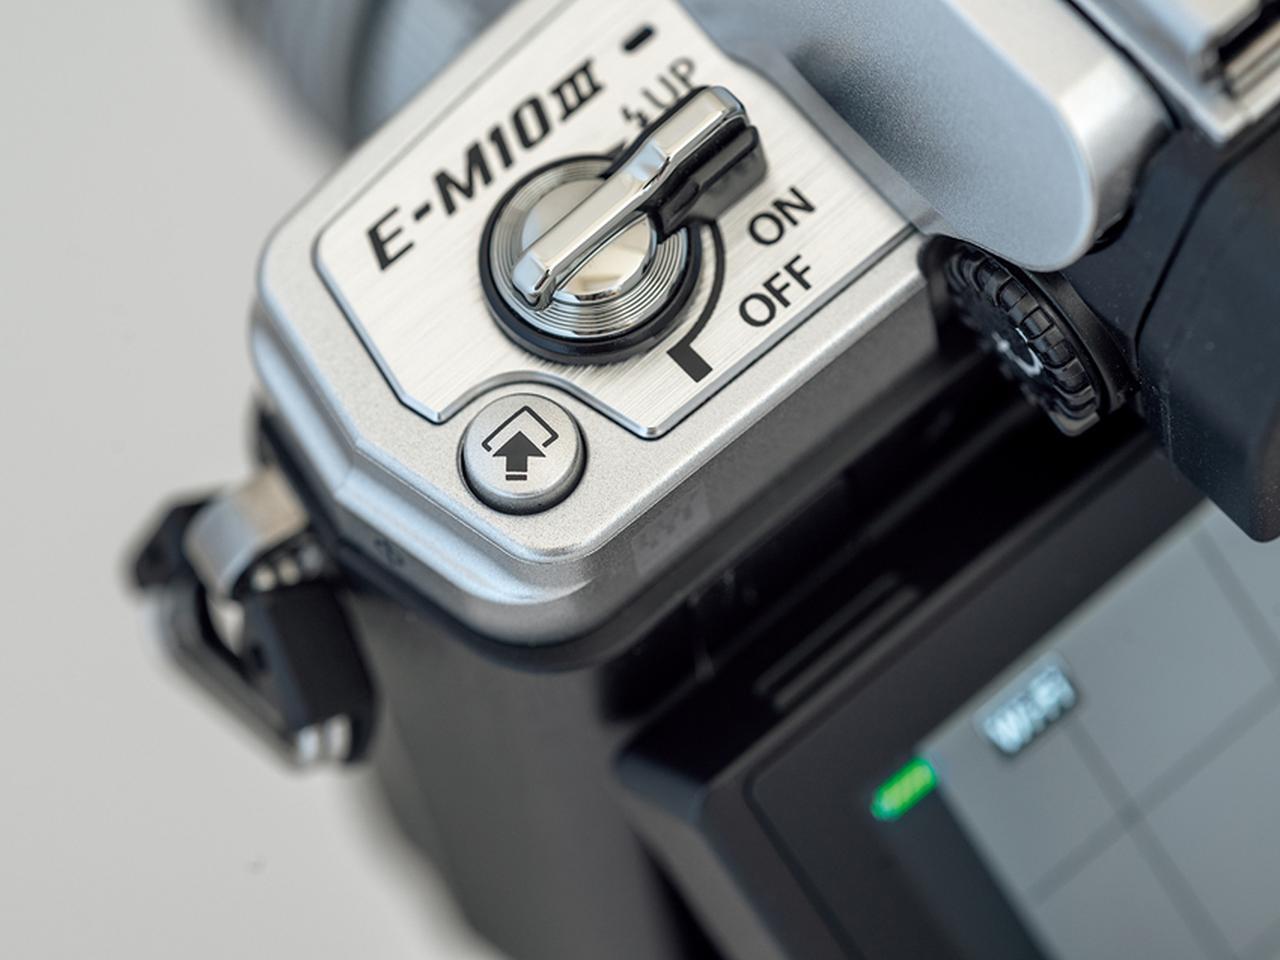 画像: シーンモードやフィルターの種類を変えたいときなどに押すと、設定画面がすぐに呼び出せるショートカットボタンを天面左端に装備する。